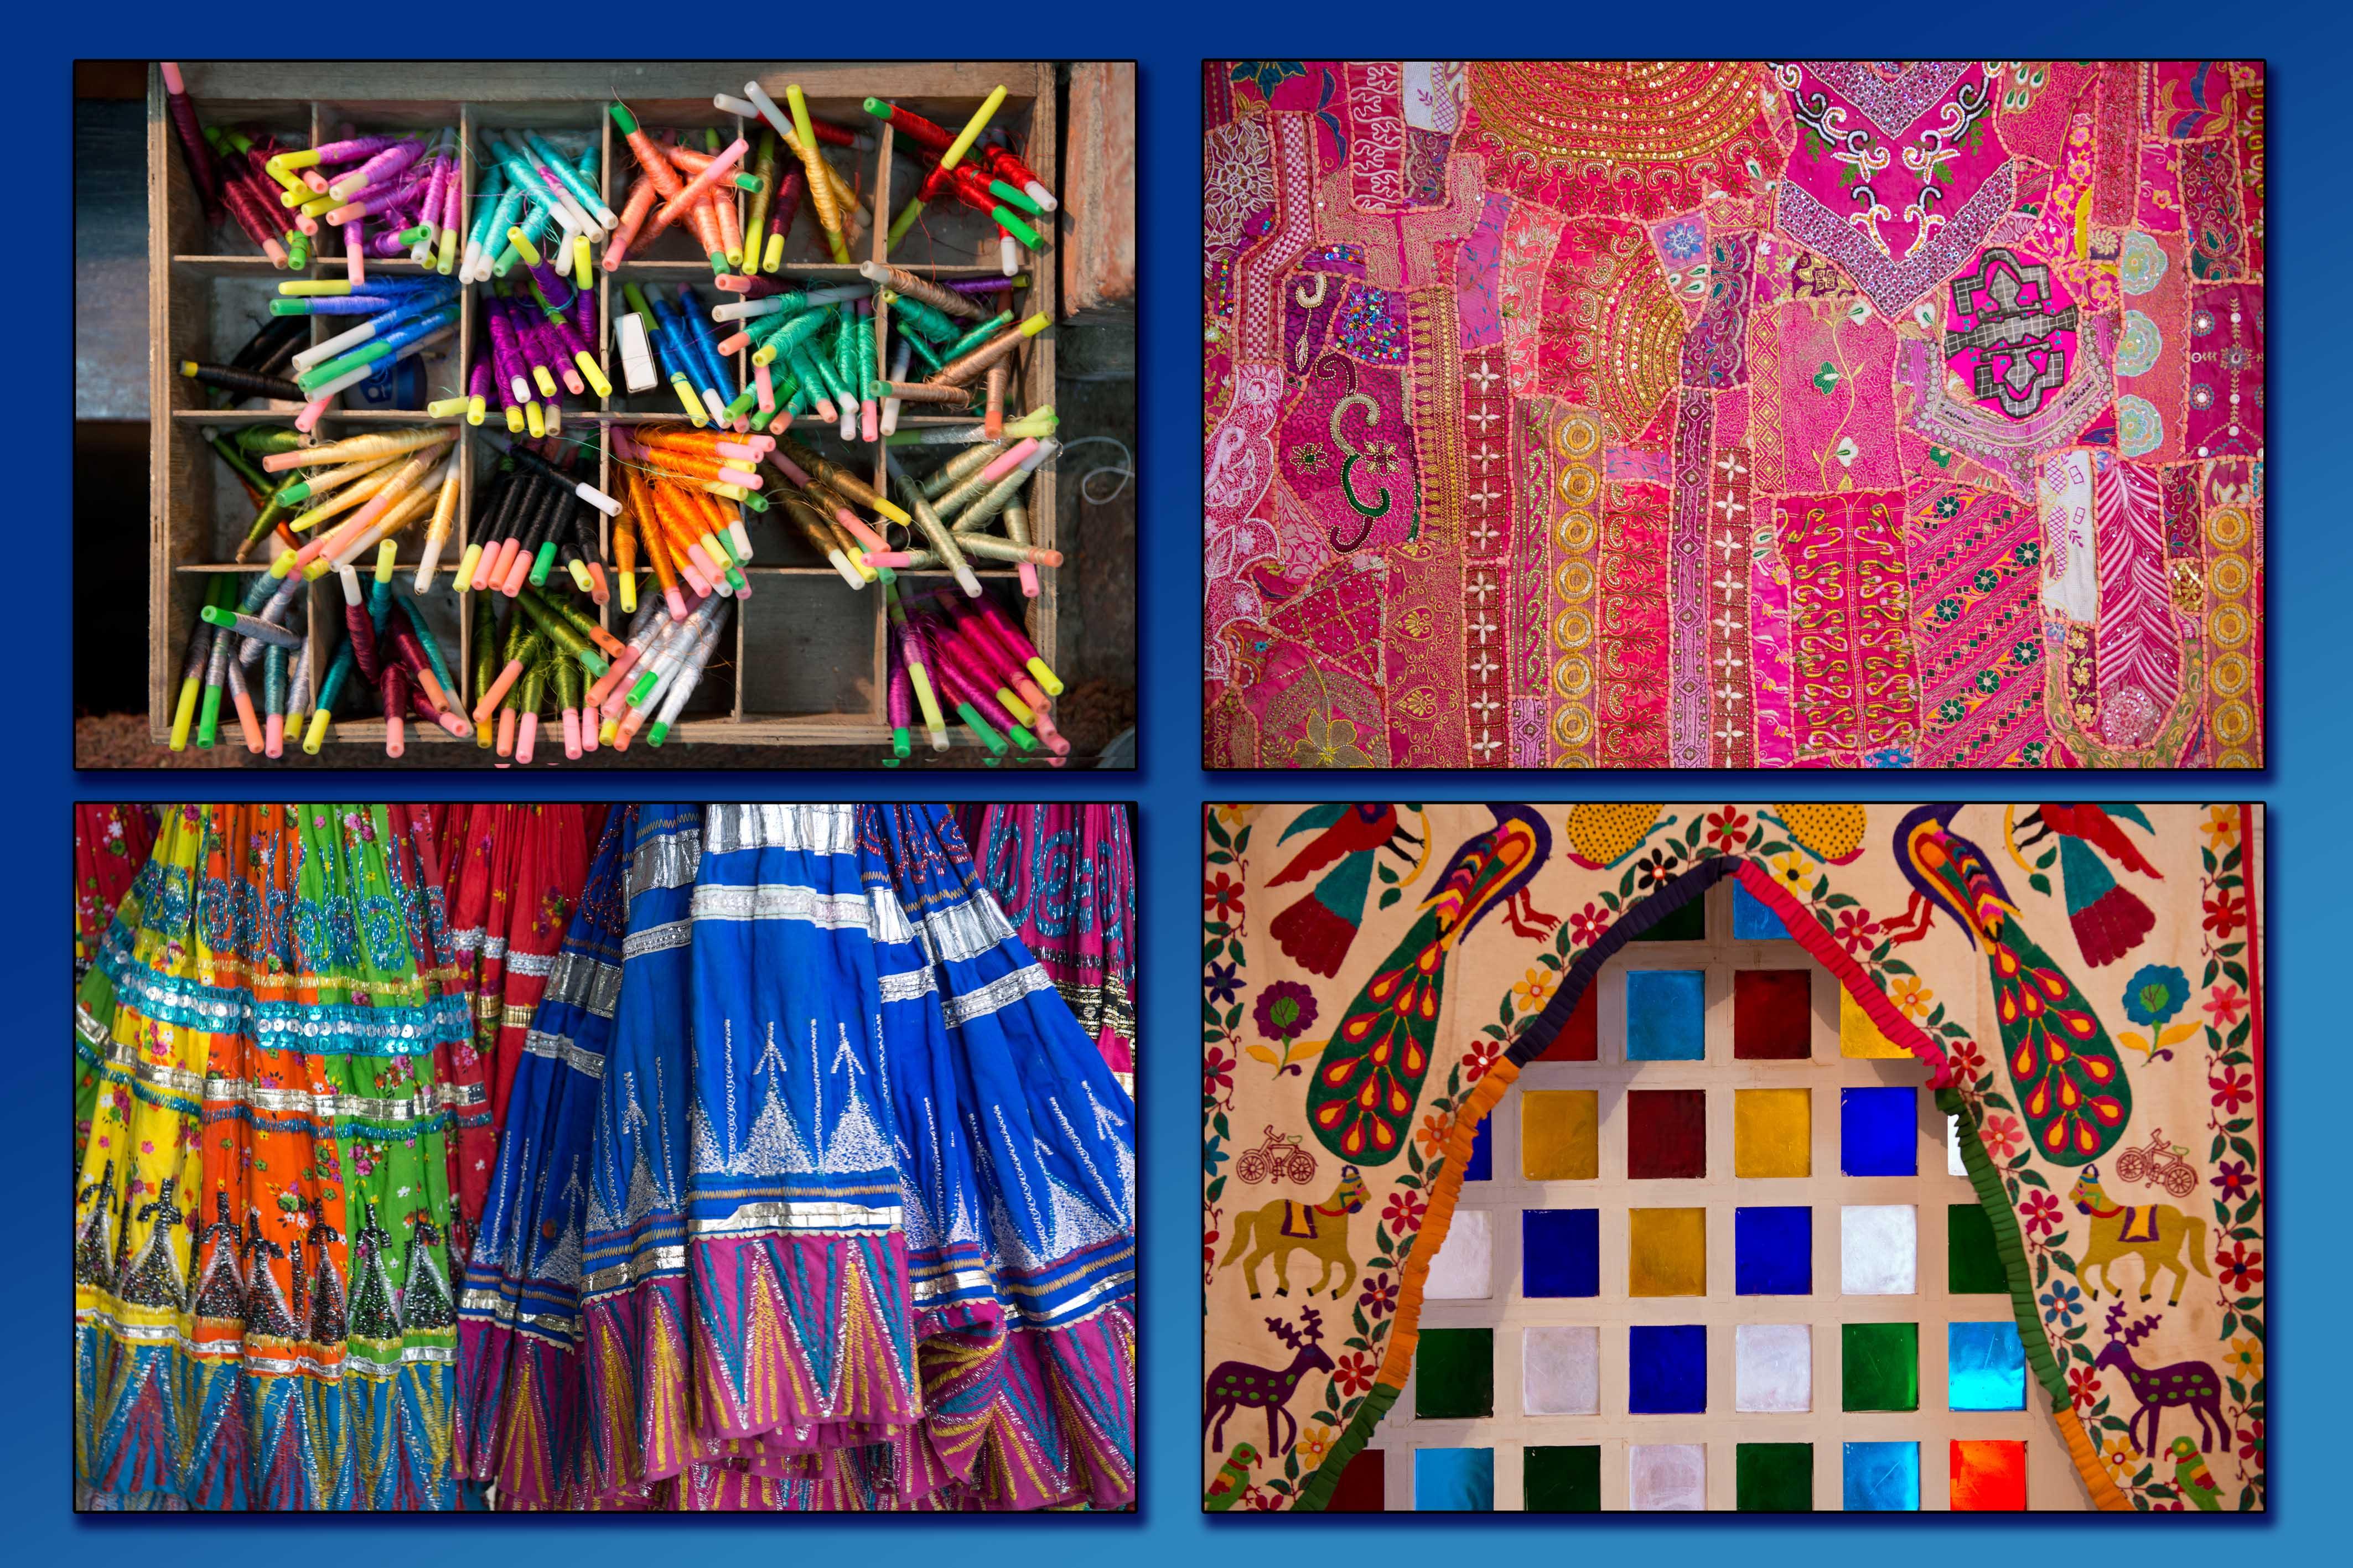 ראגאסטאן נחשבת למחוז הצבעוני ביותר בהודו